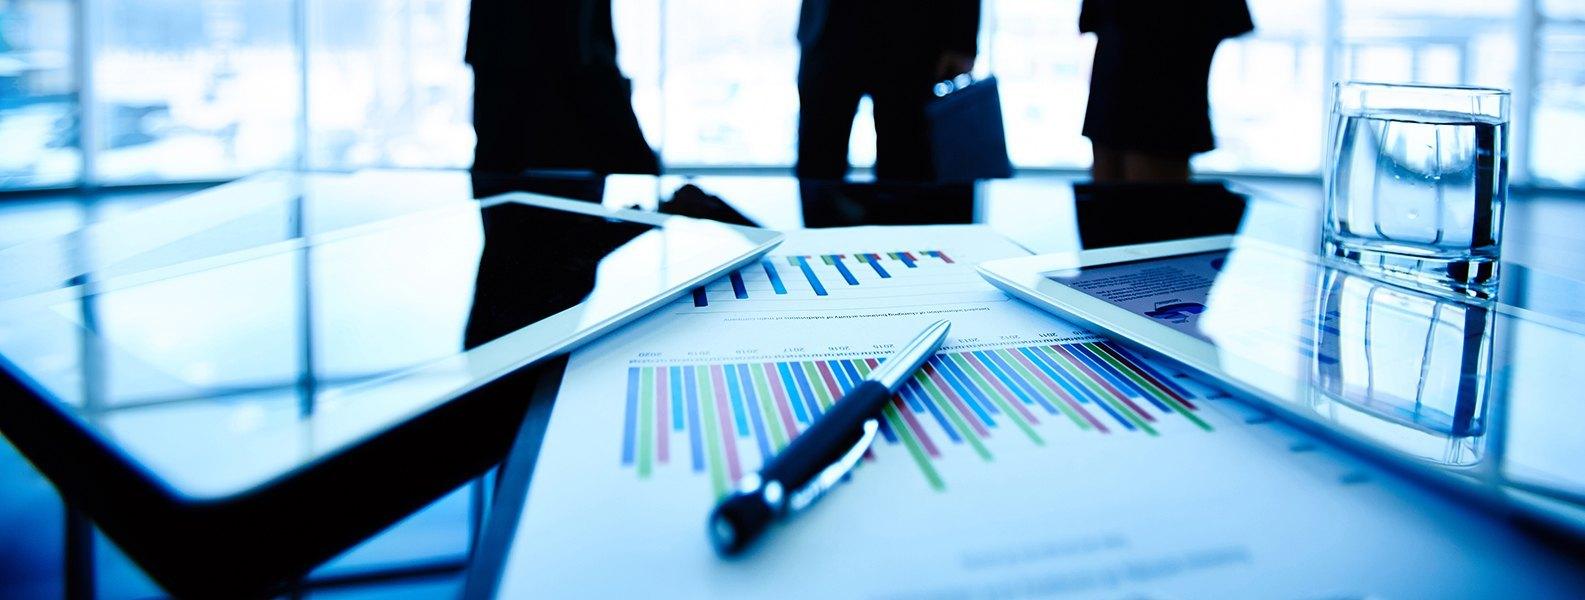 Asesoría inmobiliaria, fiscal, contable y jurídica